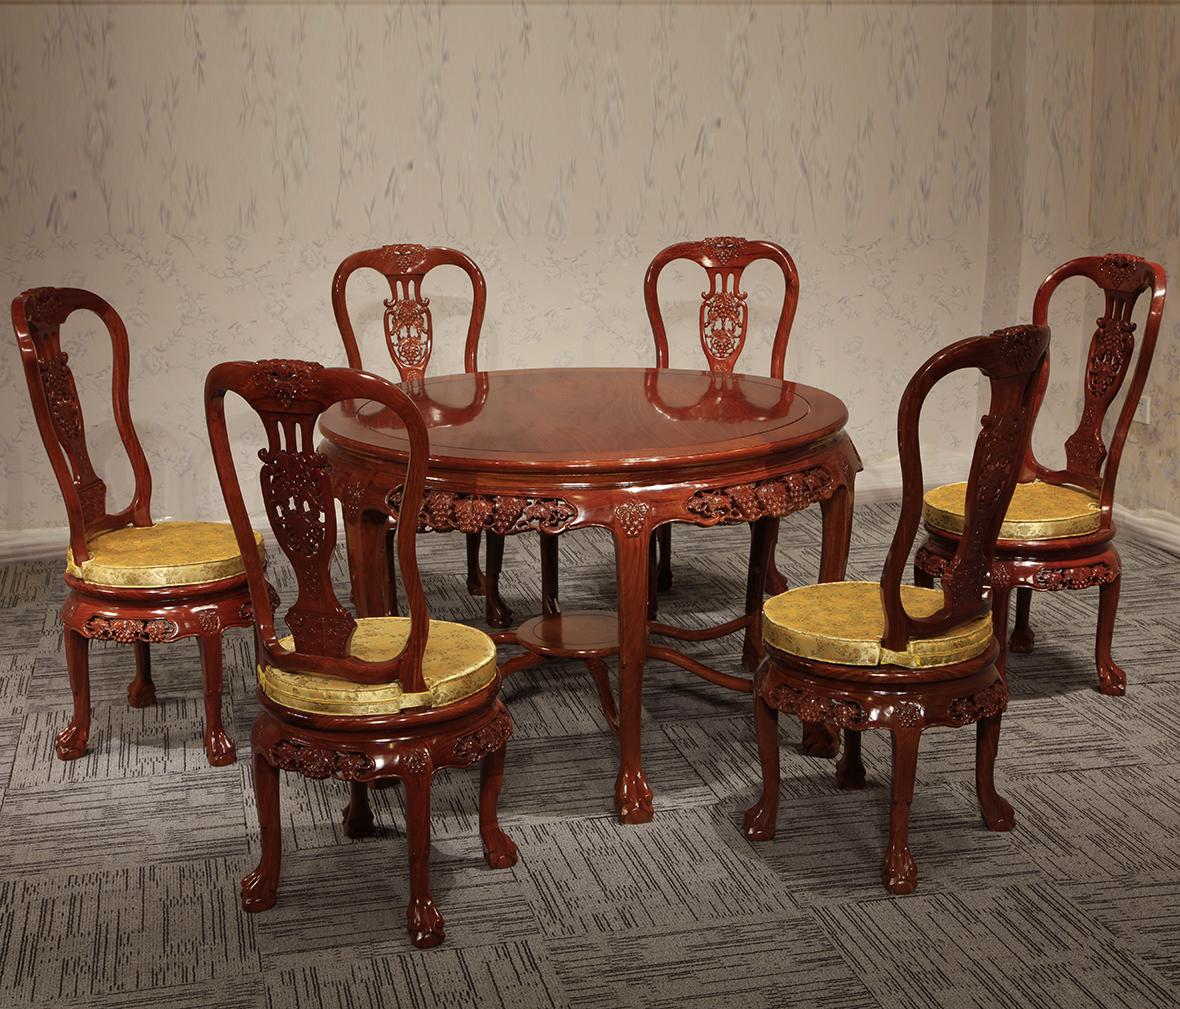 型号 餐桌 现代简约风格  眼缘:2  双叶家具 bzc0500b2型号 餐桌 水曲